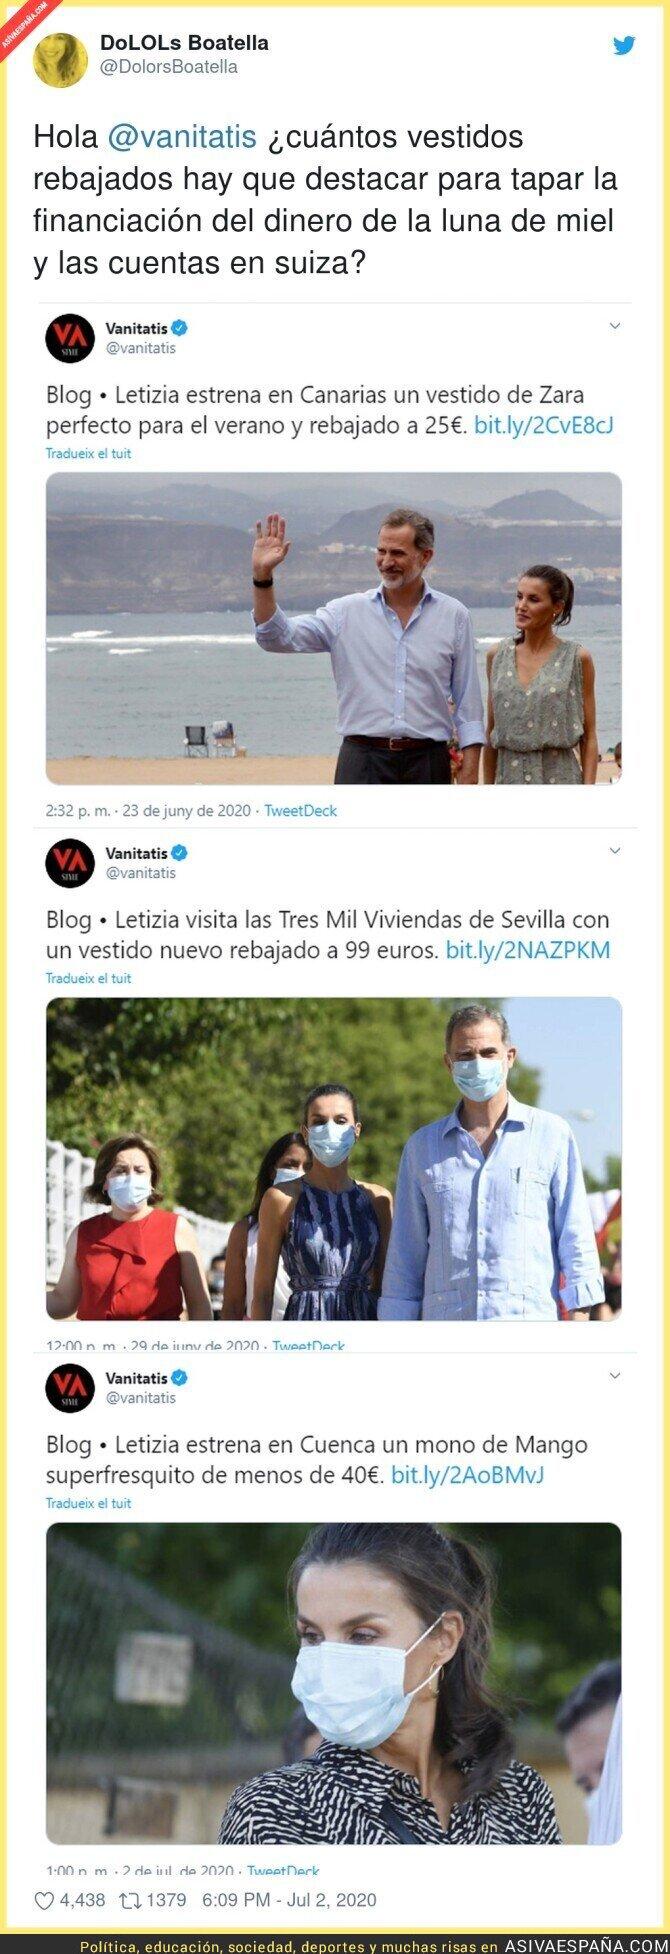 253403 - El diario Vanitatis intenta blanquear a la Reina Letizia con estas noticias sobre sus vestidos sin descaro